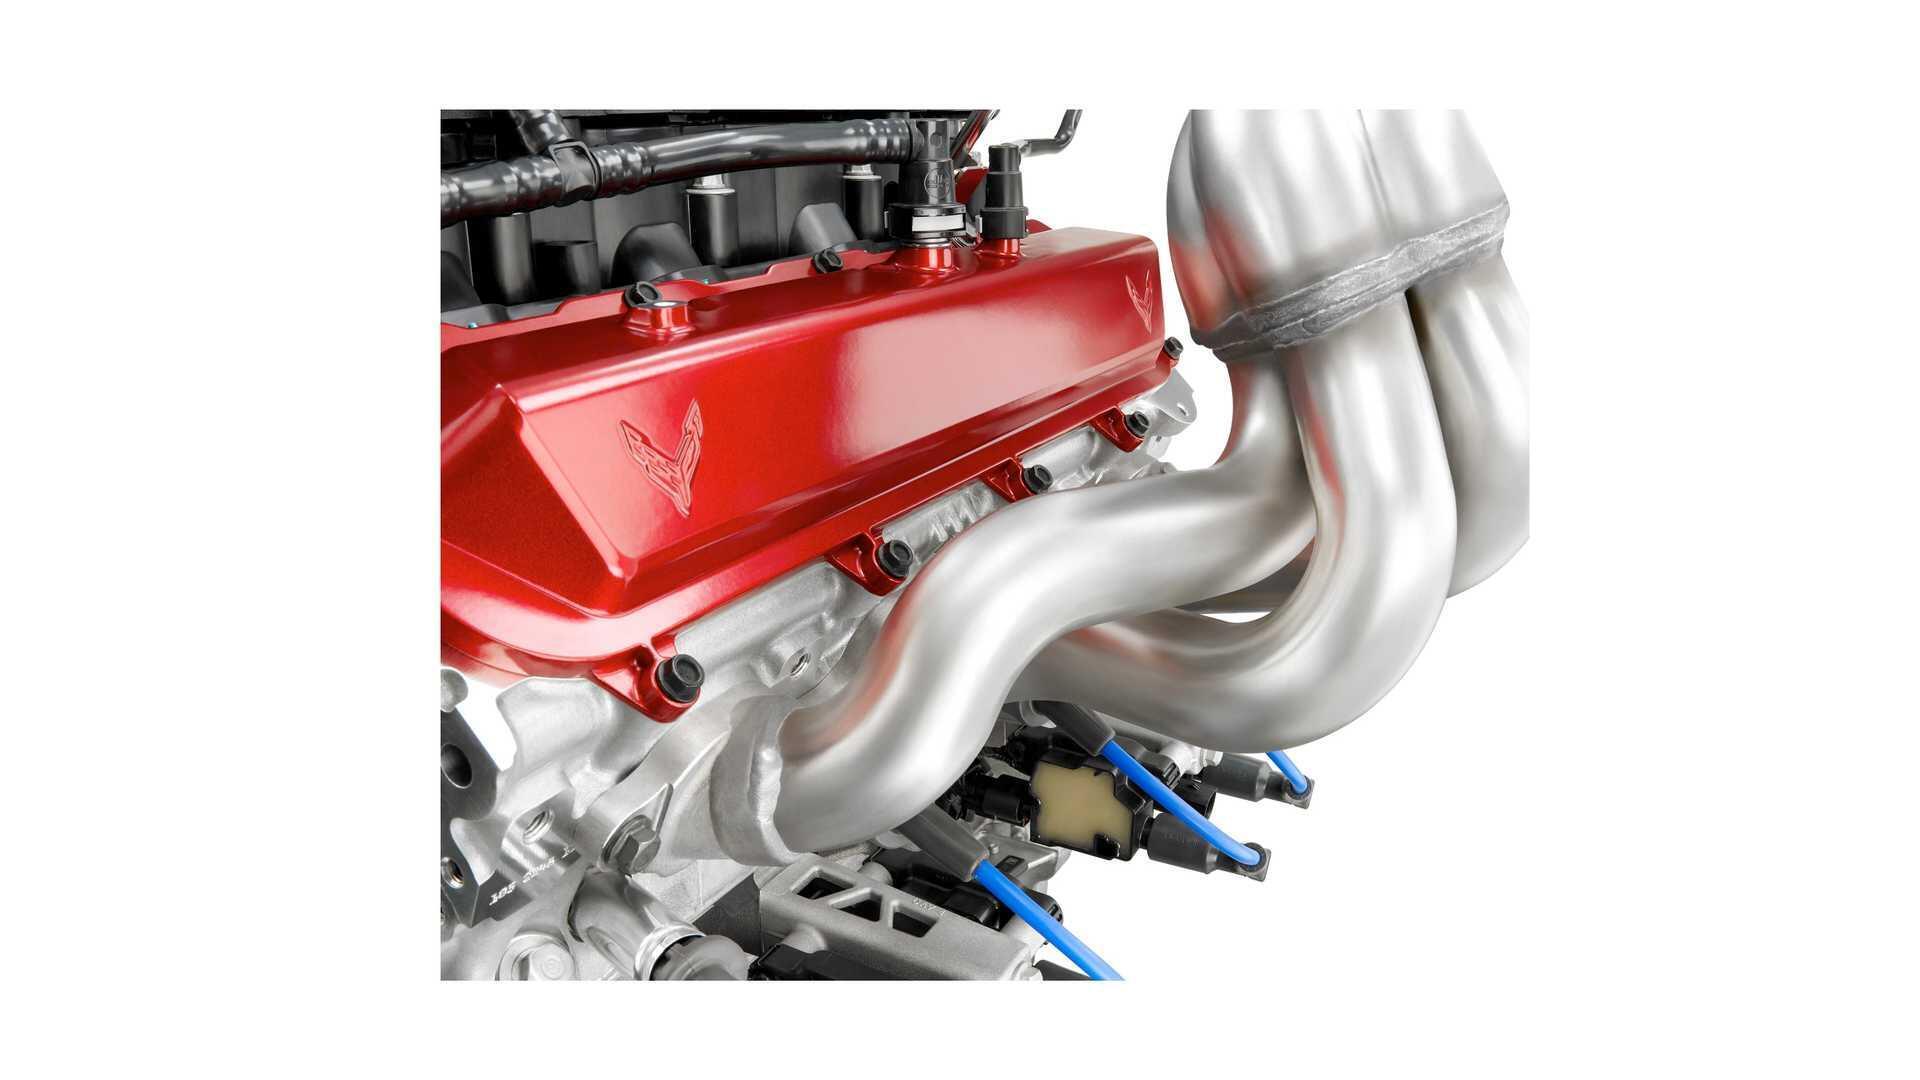 https://cdn.dailyxe.com.vn/image/chevrolet-corvette-2020-co-mot-so-tinh-nang-an-tuyet-voi-93-94598j2.jpg